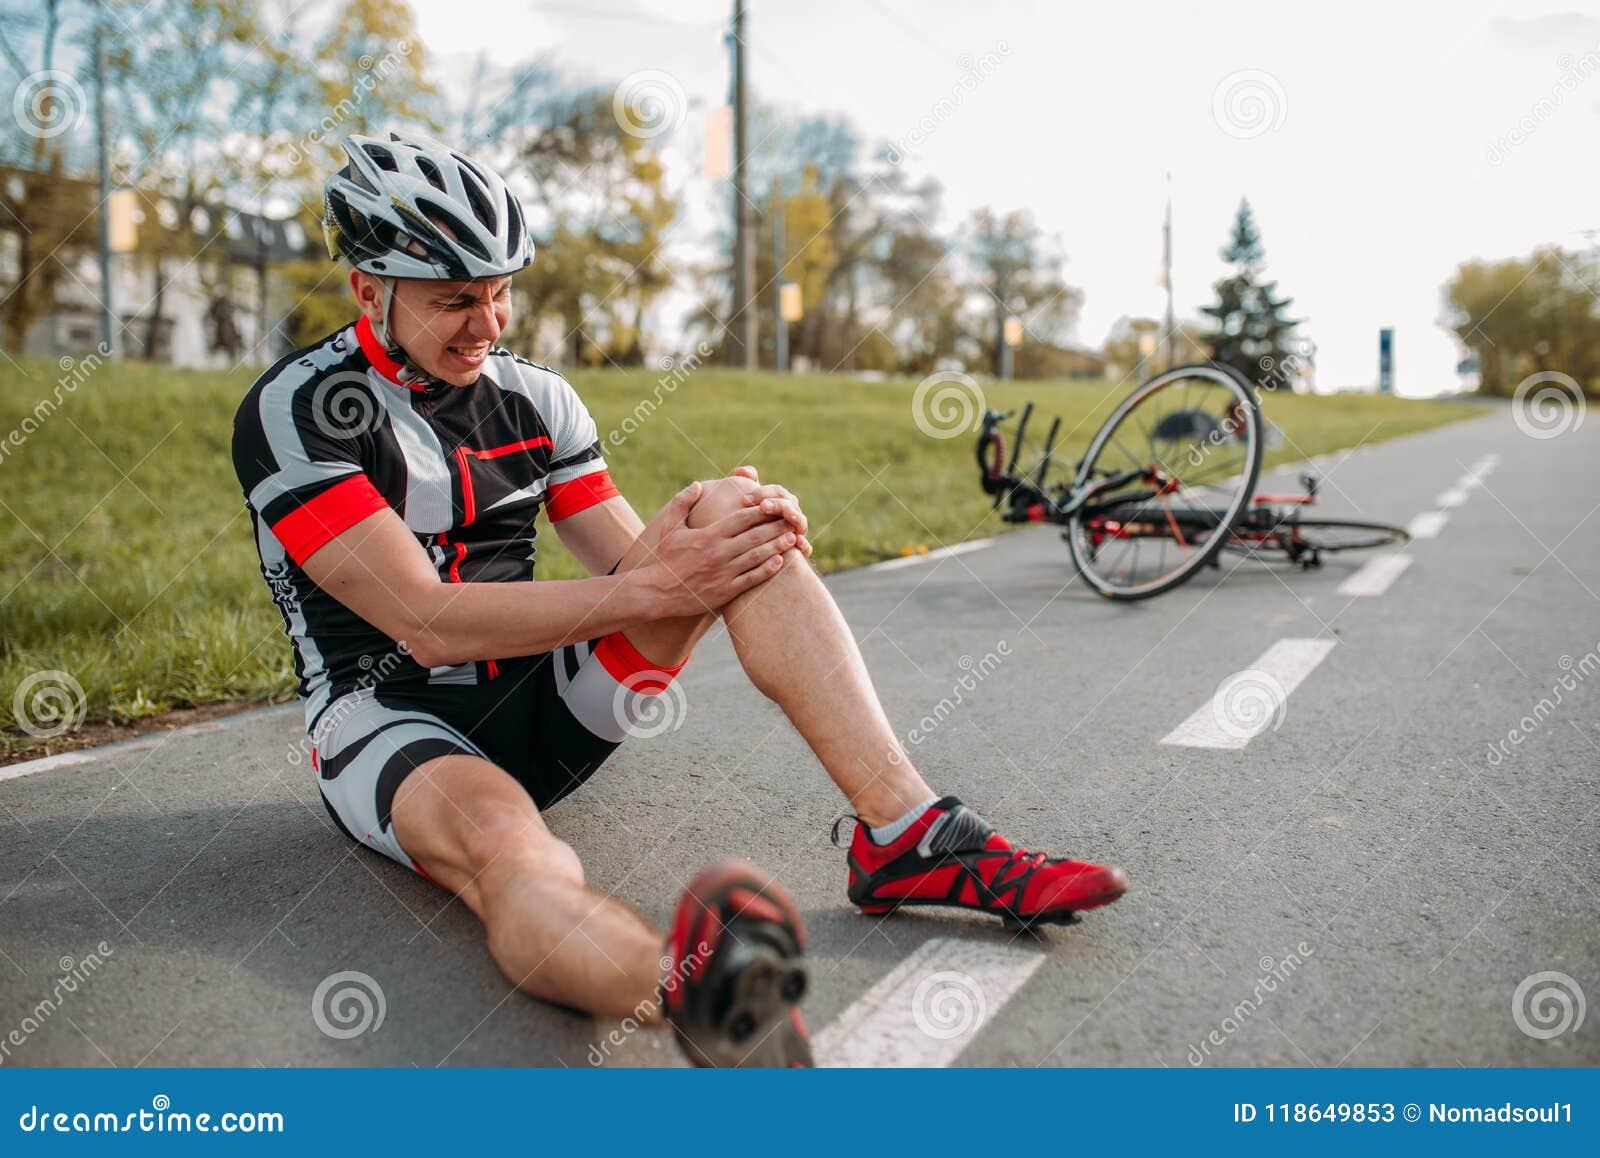 男性bycyclist跌下自行车并且击中了他的膝盖